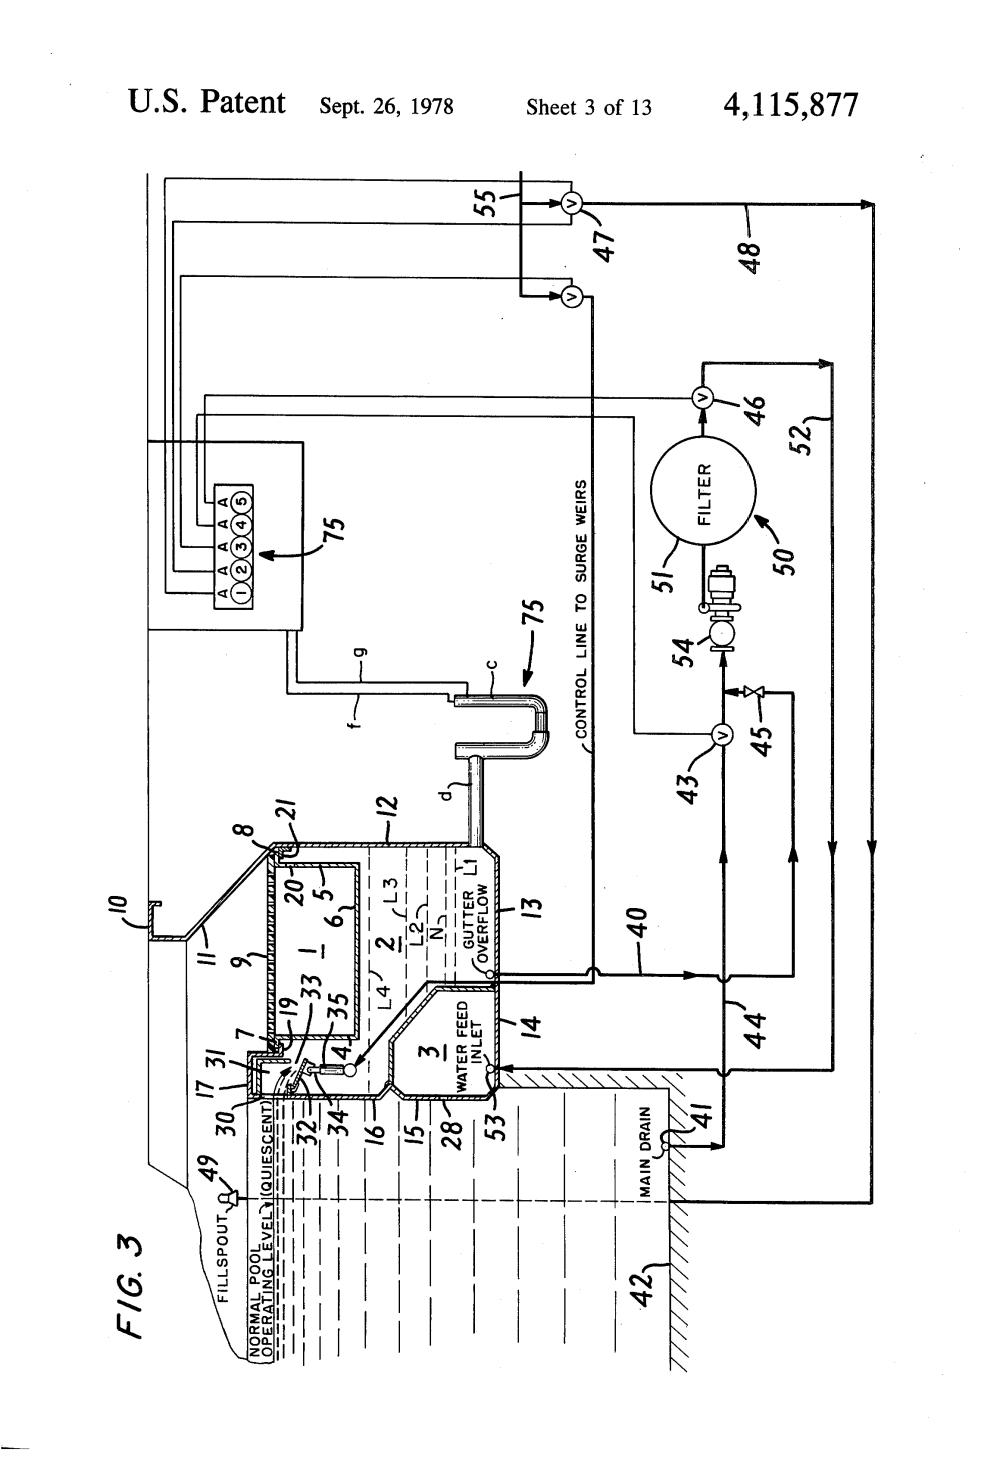 medium resolution of inr wiring diagram wiring diagram how long is a jet ski inr wiring diagram wiring diagraminr